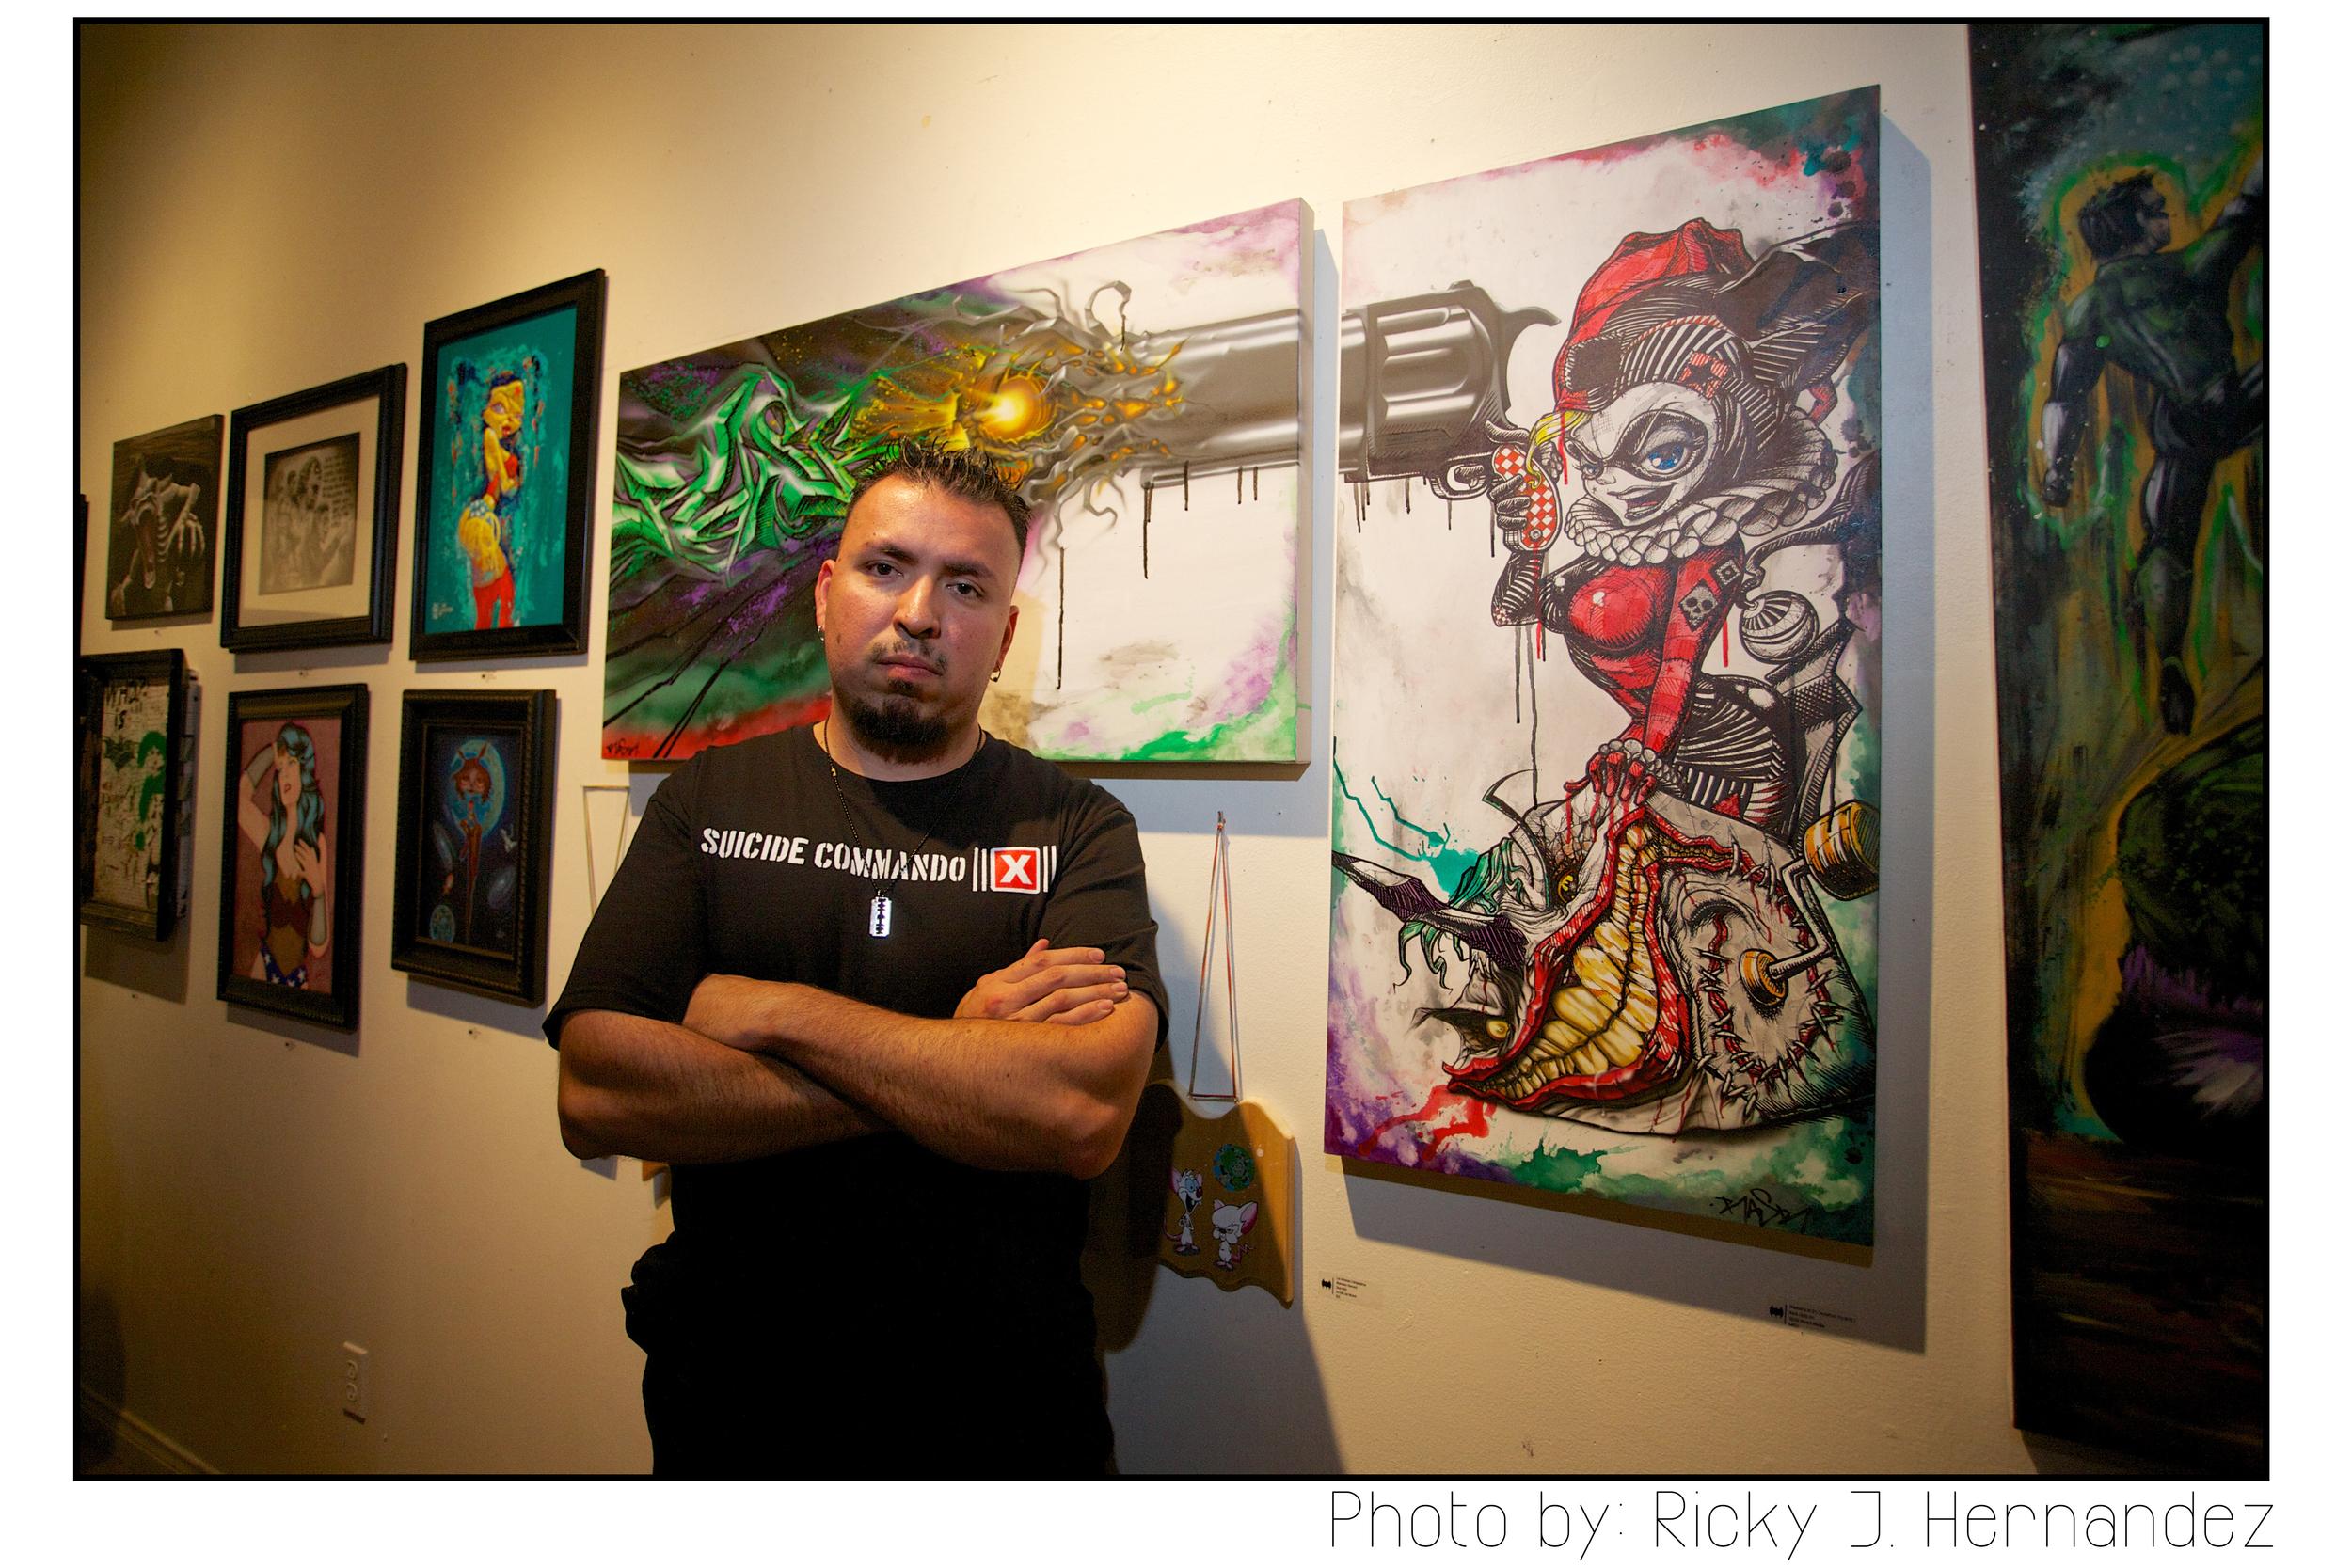 Ricky-J-Hernandez-com-714-200-3032-img-_MG_4623 copy